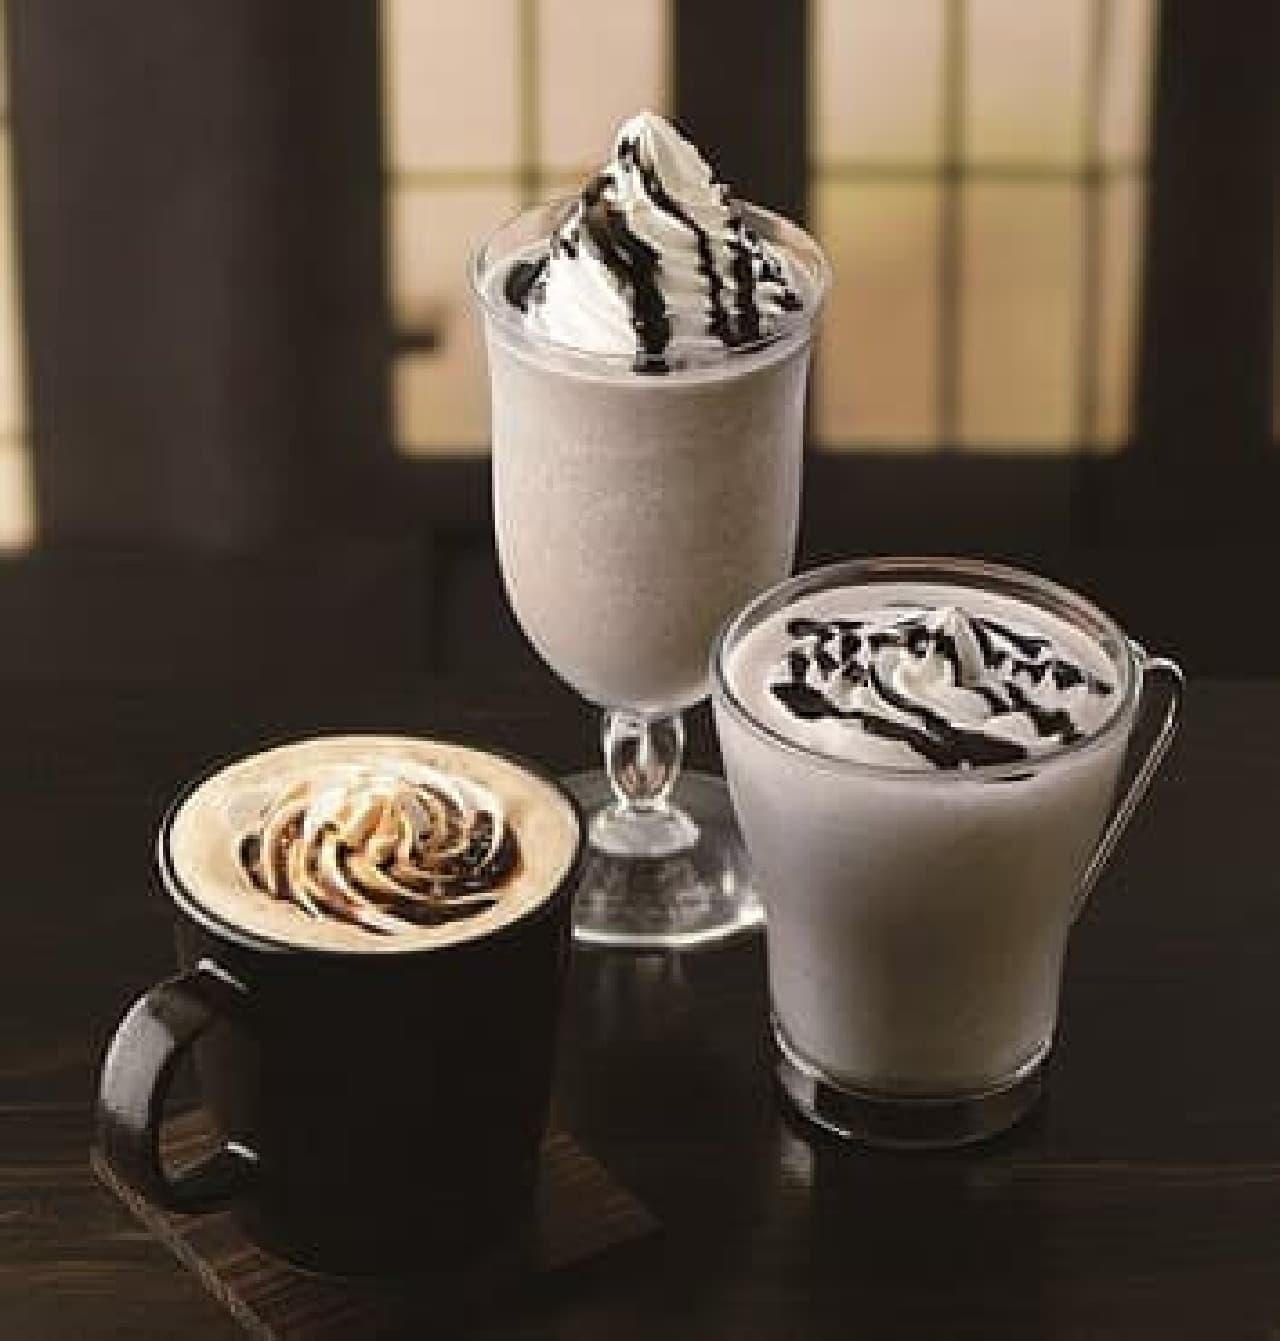 右から「黒ごまバナナオレ」(ホット)、「黒ごまバナナオレ」(アイス)、「ほうじ茶黒みつラテ」